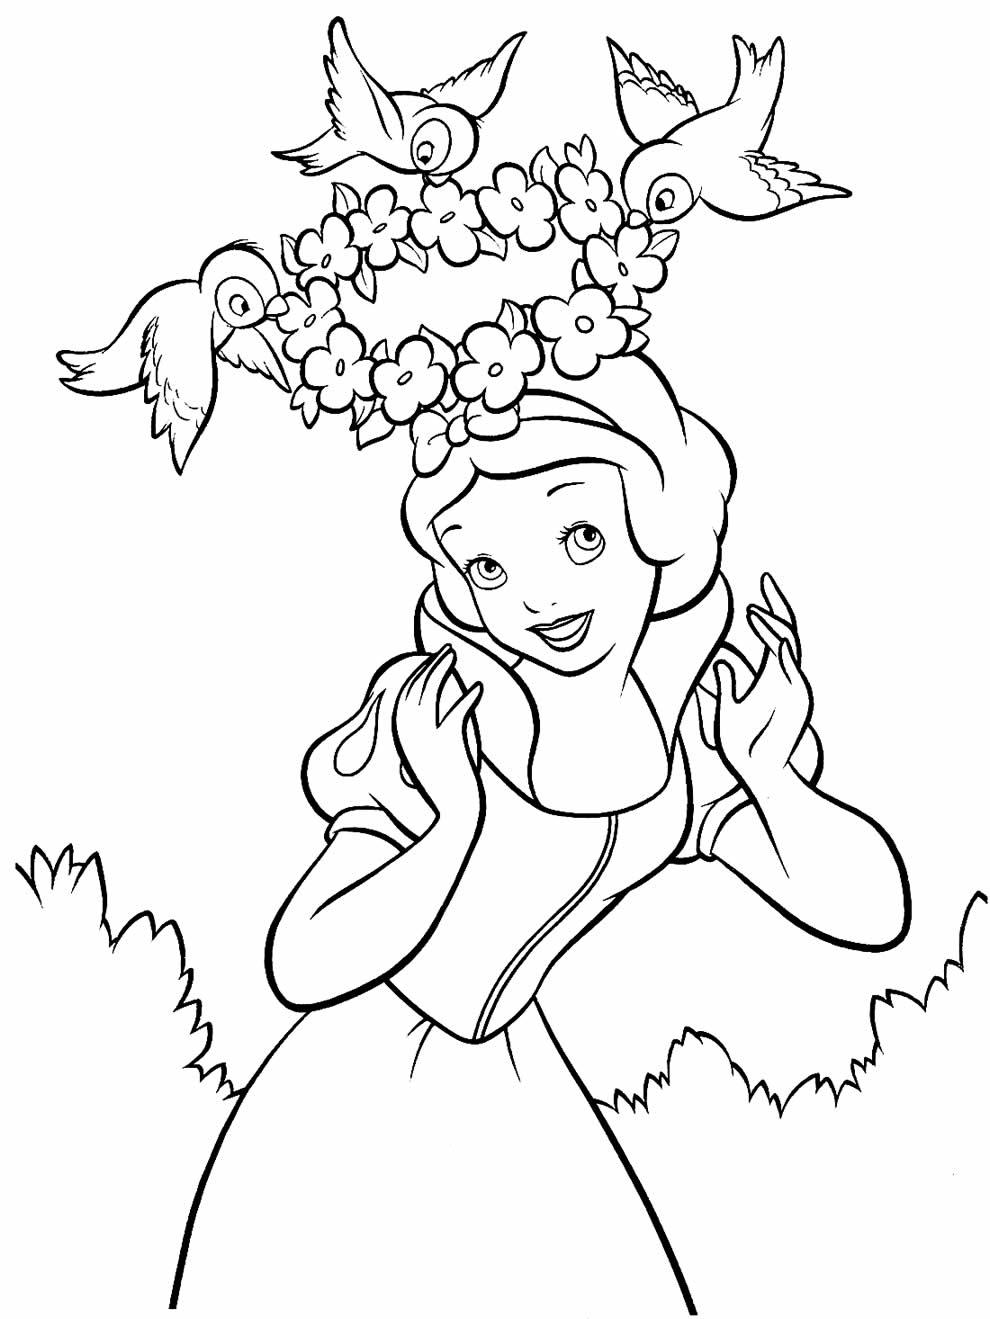 Desenho para pintar da Branca de Neve